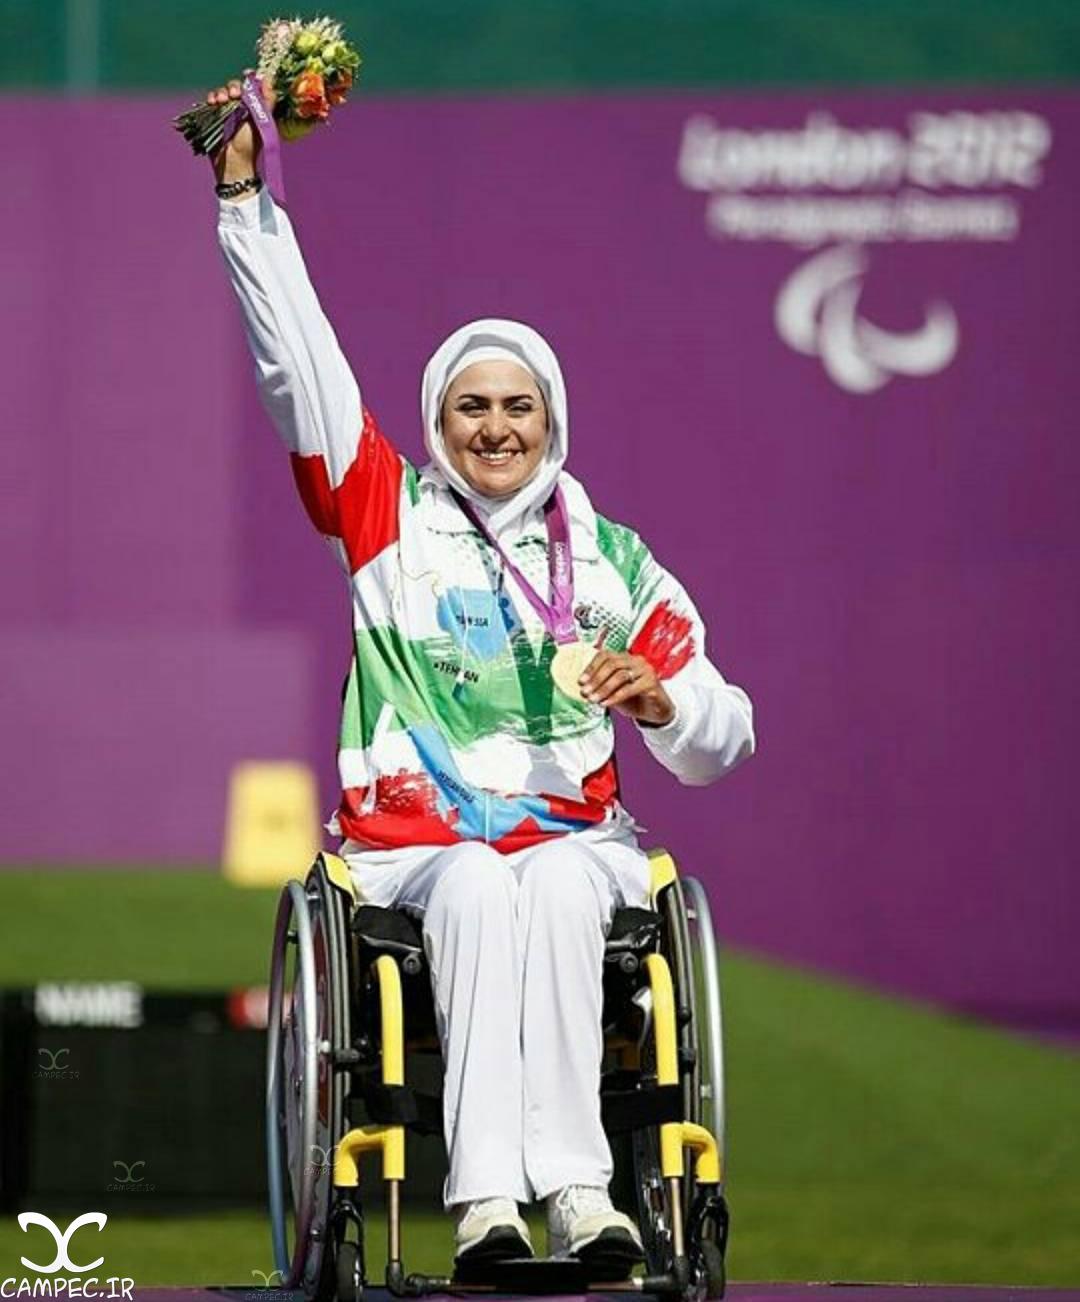 زهرا نعمتی تیرانداز ایرانی